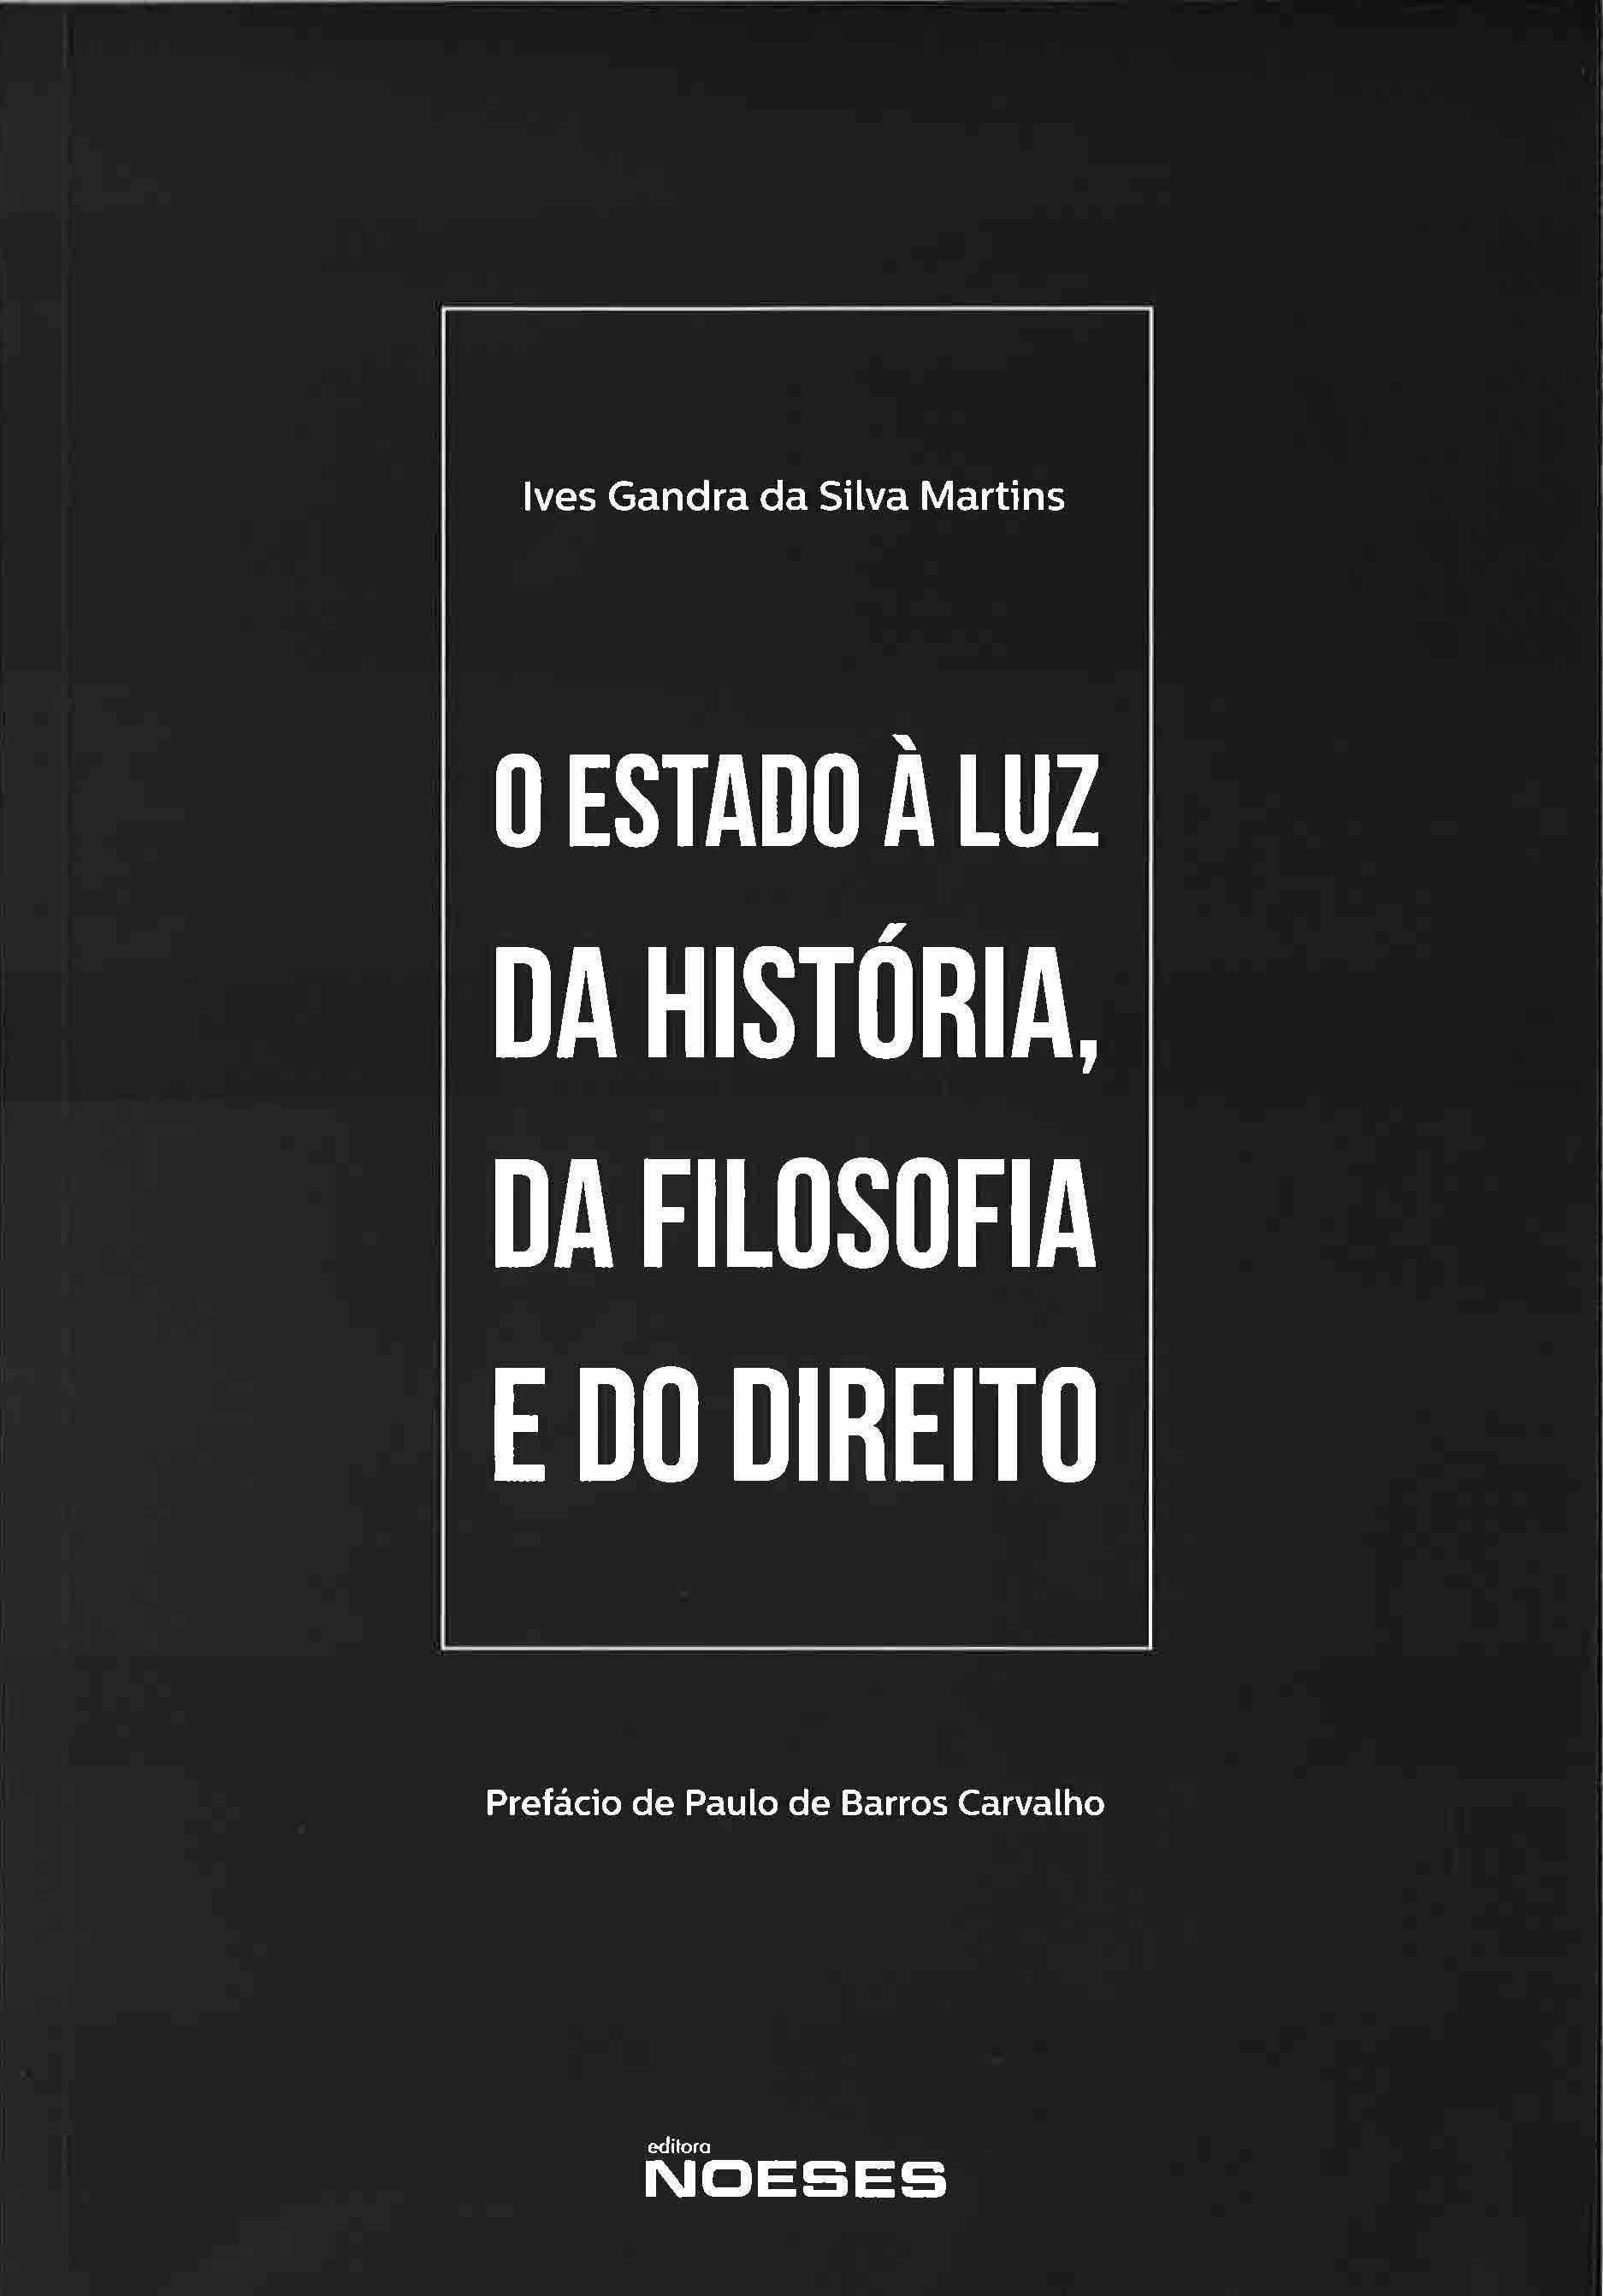 O Estado à luz da história, da filosofia e do direito.